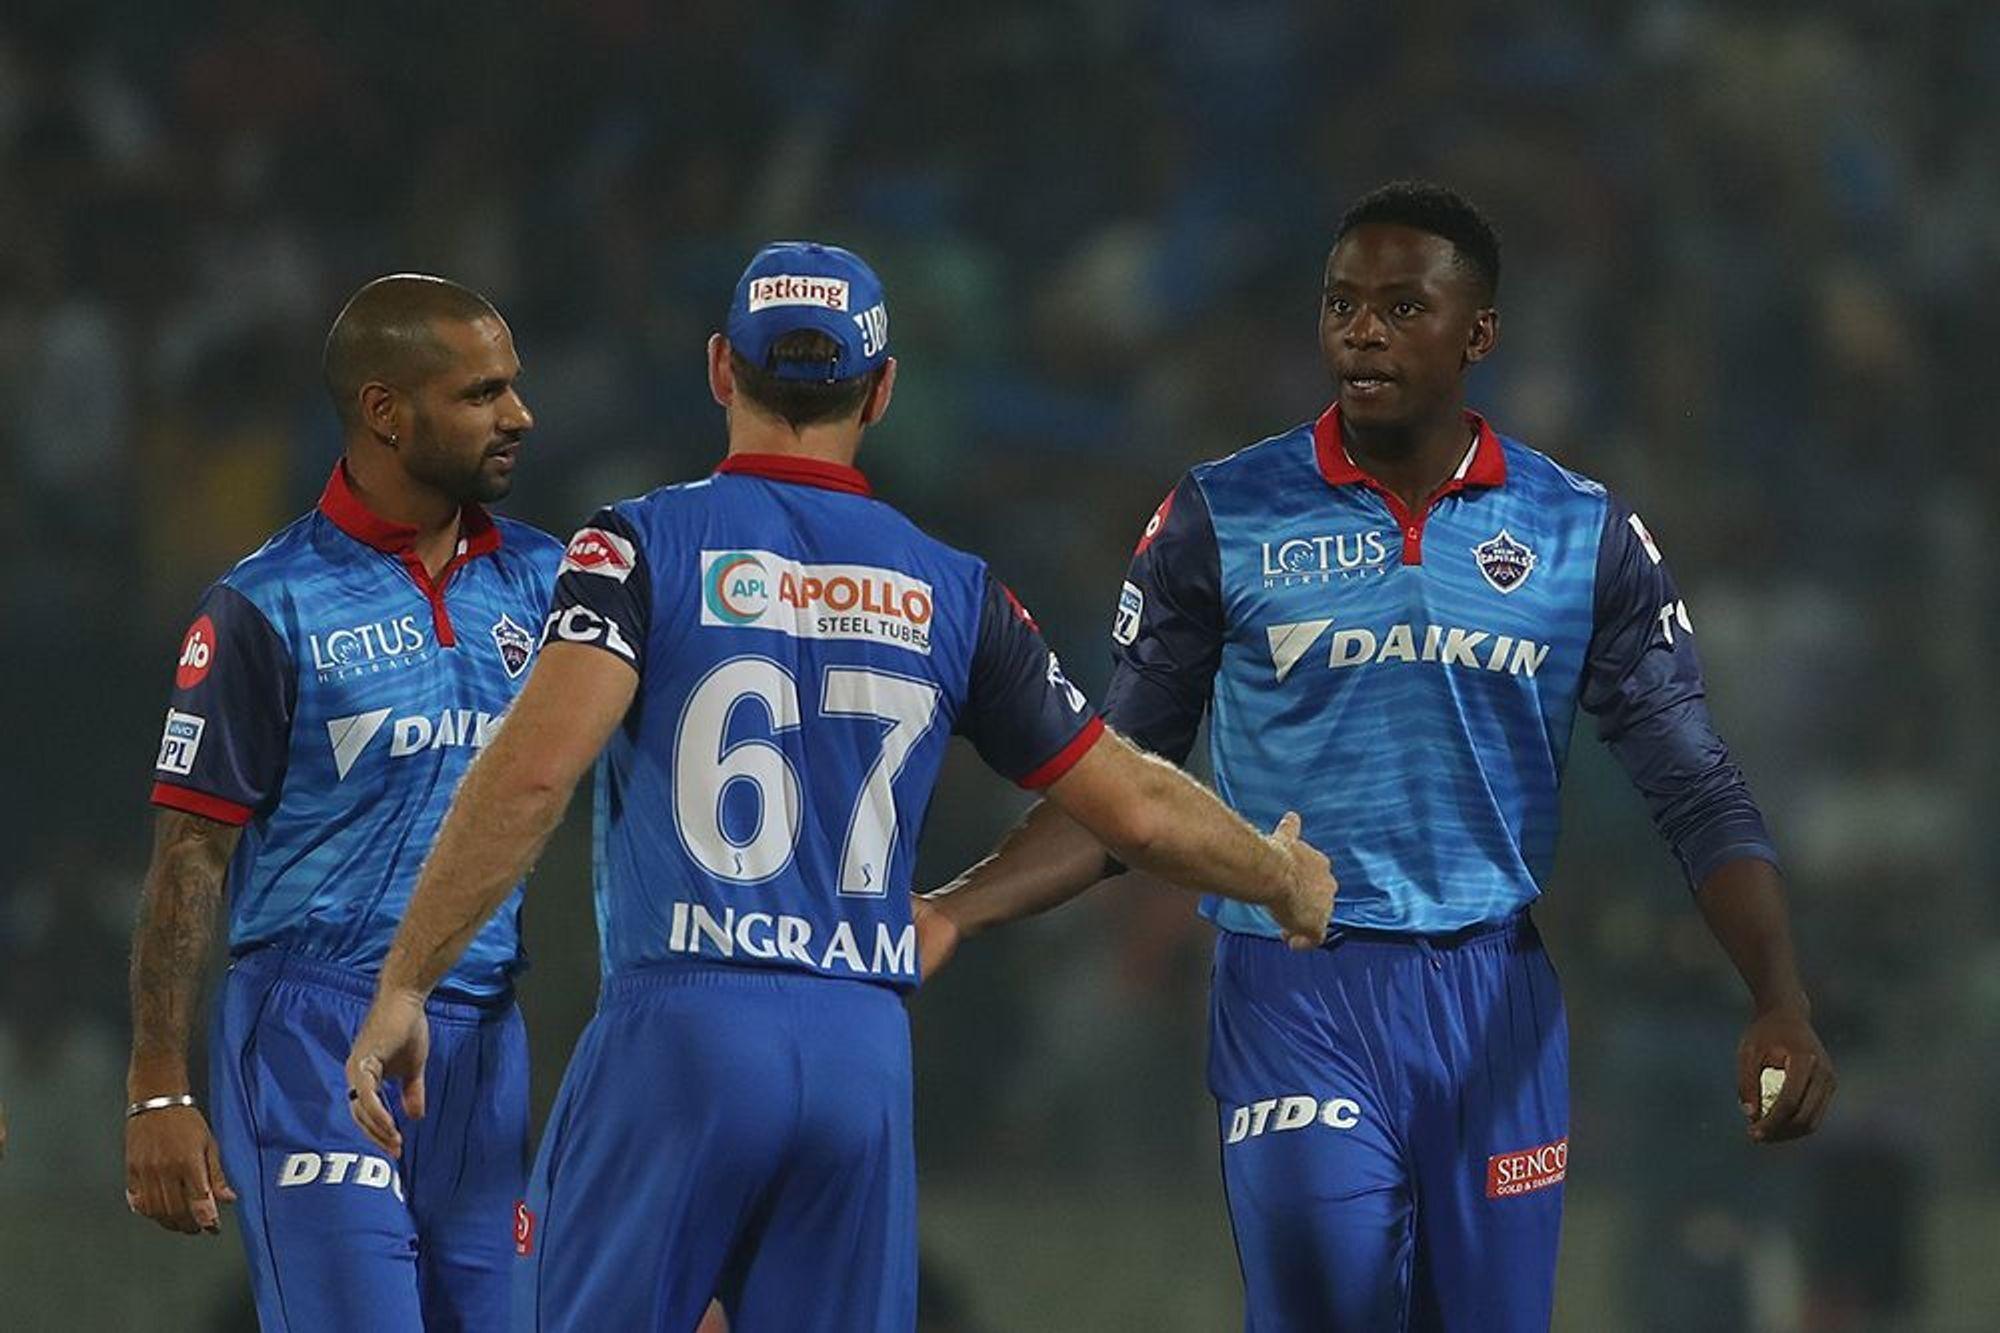 SRHvsDC :  मैच में बने 8 रिकार्ड्स, कगिसो रबाडा ऐसा करने वाले बने पहले गेंदबाज